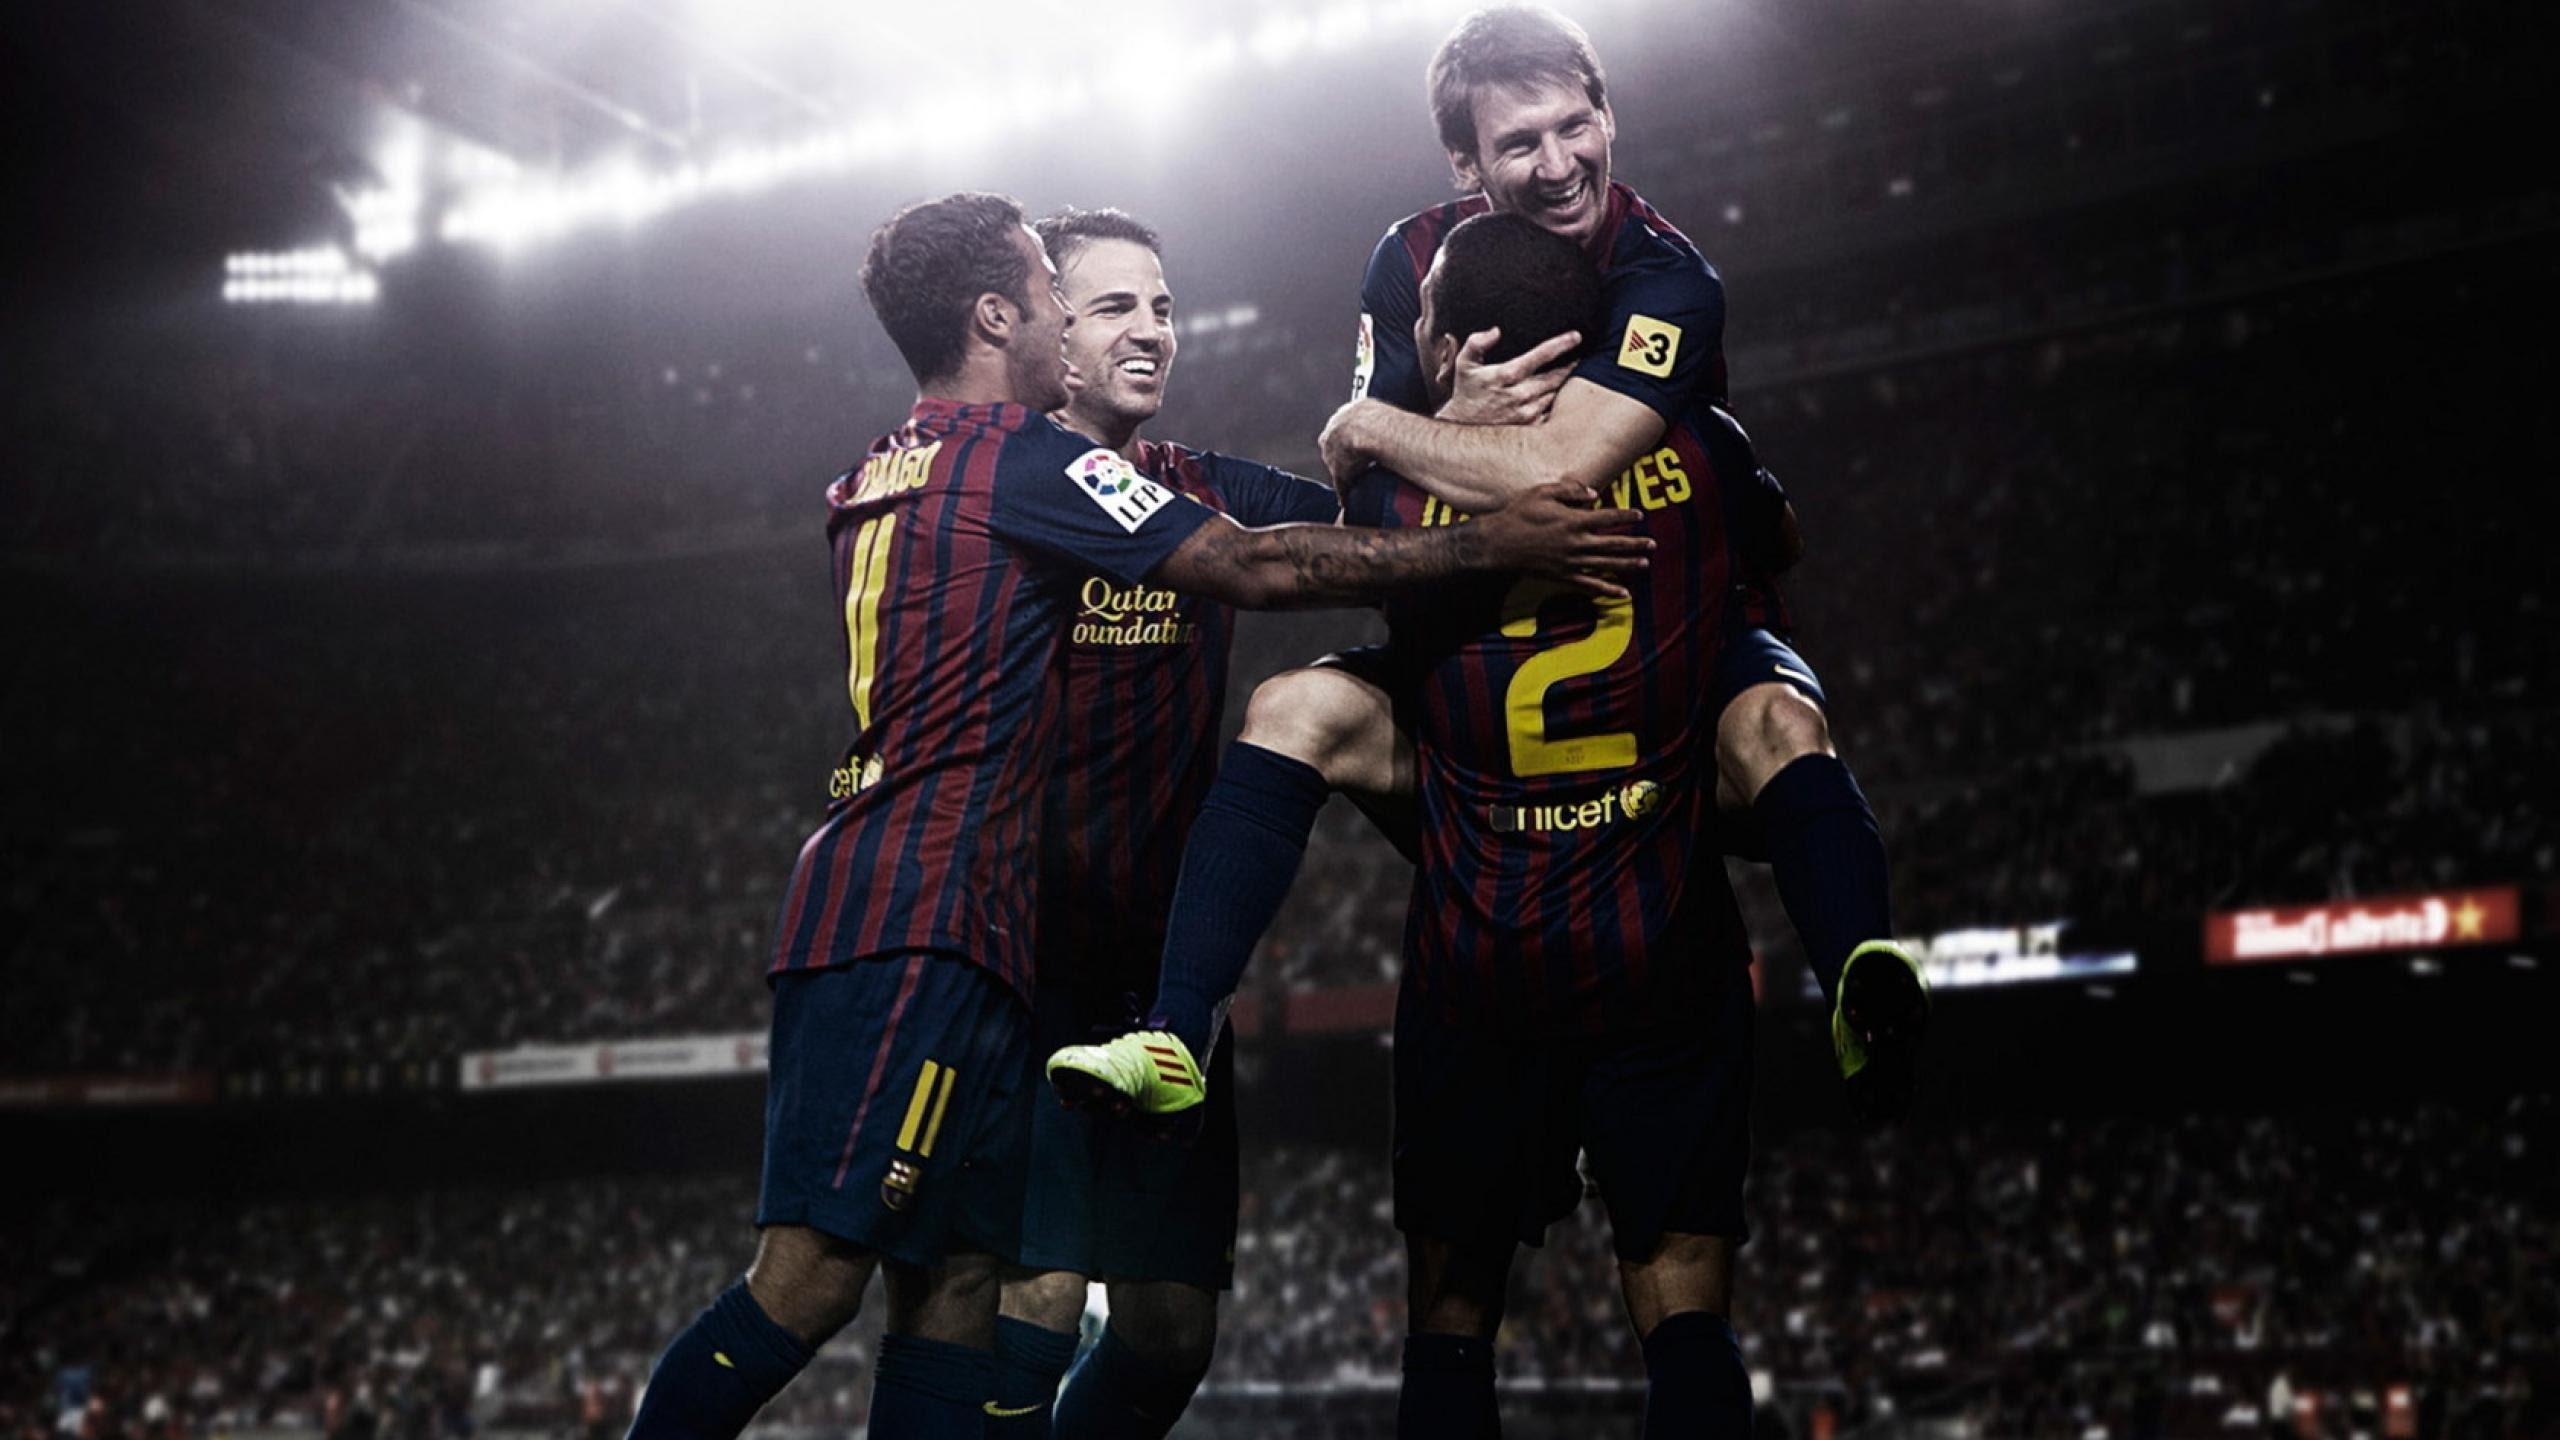 Fc Barca Wallpaper 74 Images